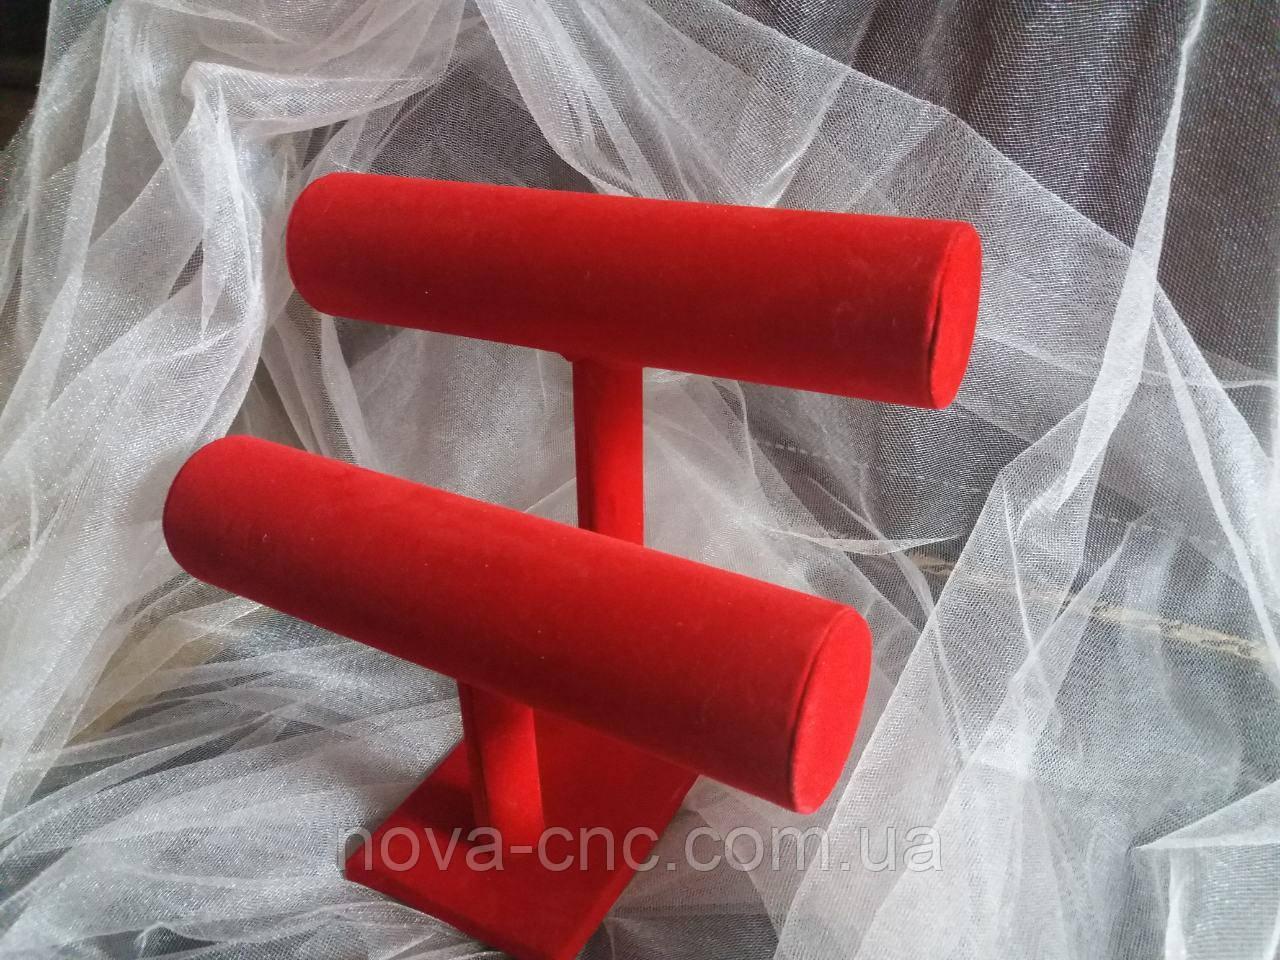 Выставочная велюровая браслетница, подставка для демонстрации красная